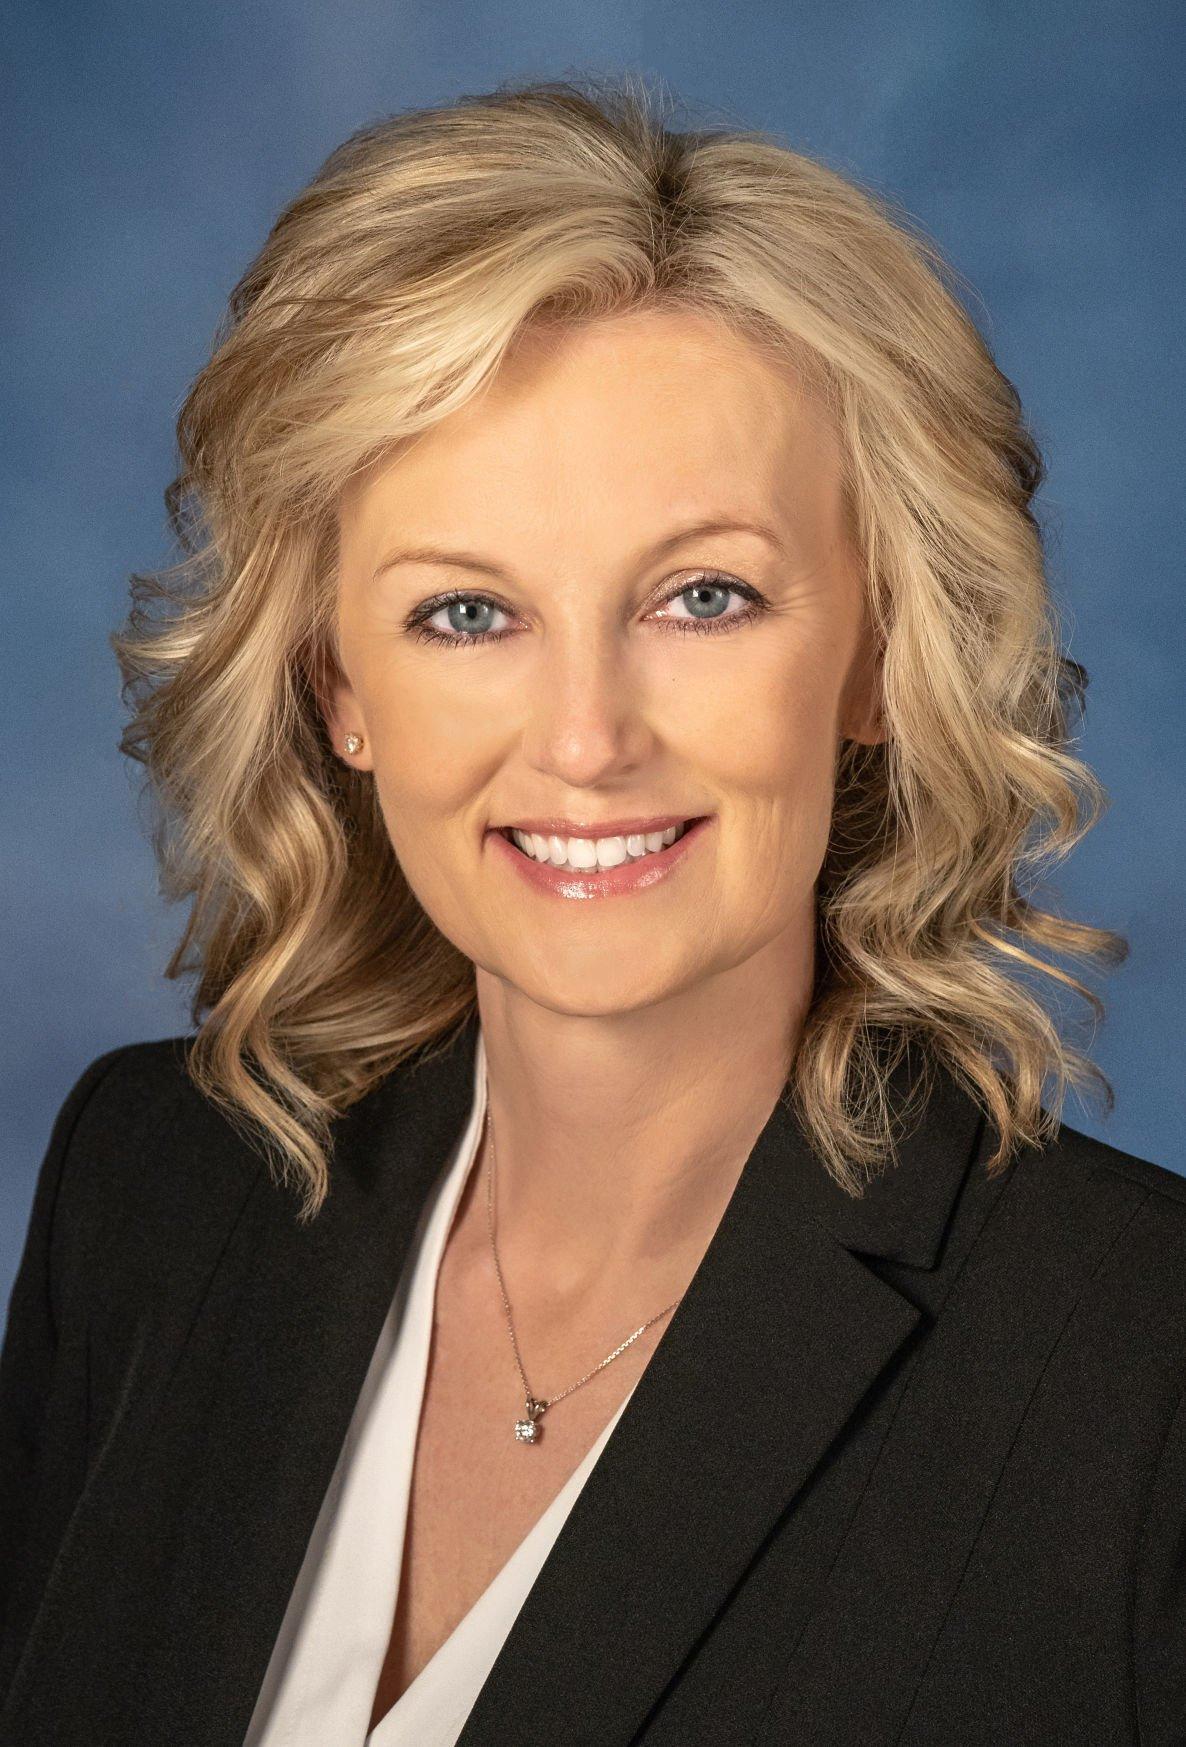 Cynthia Stinnett